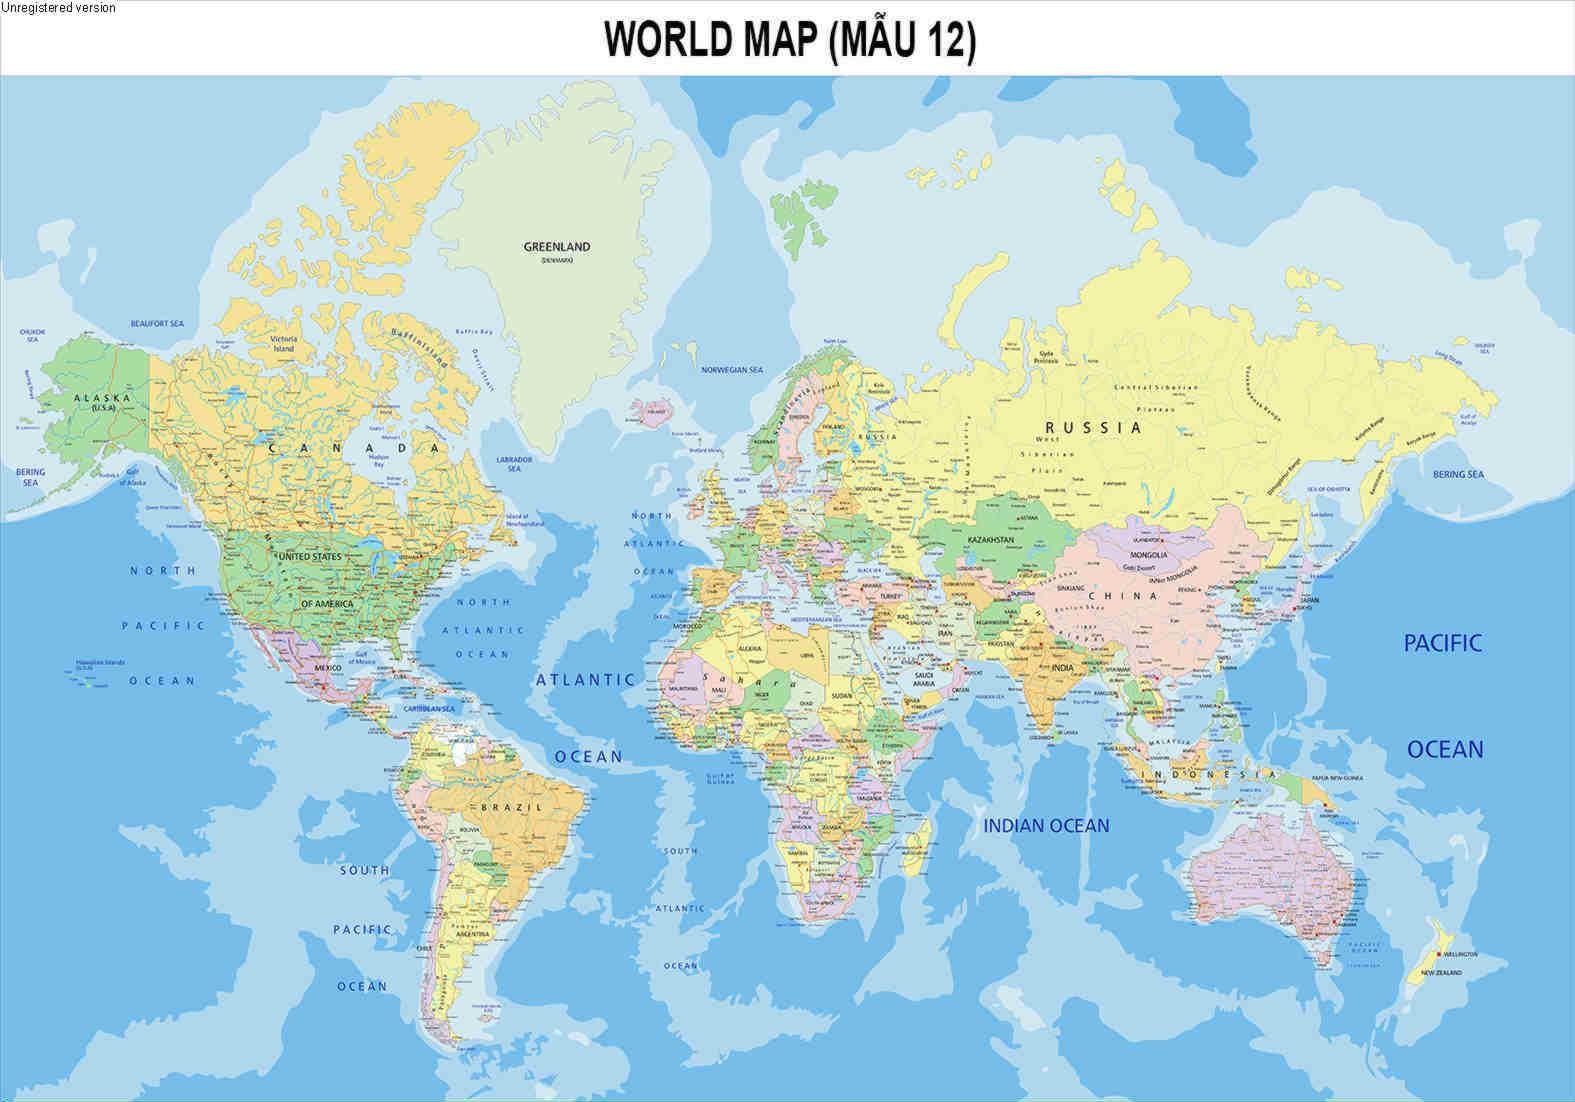 In bản đồ thế giới khổ lớn ở đâu